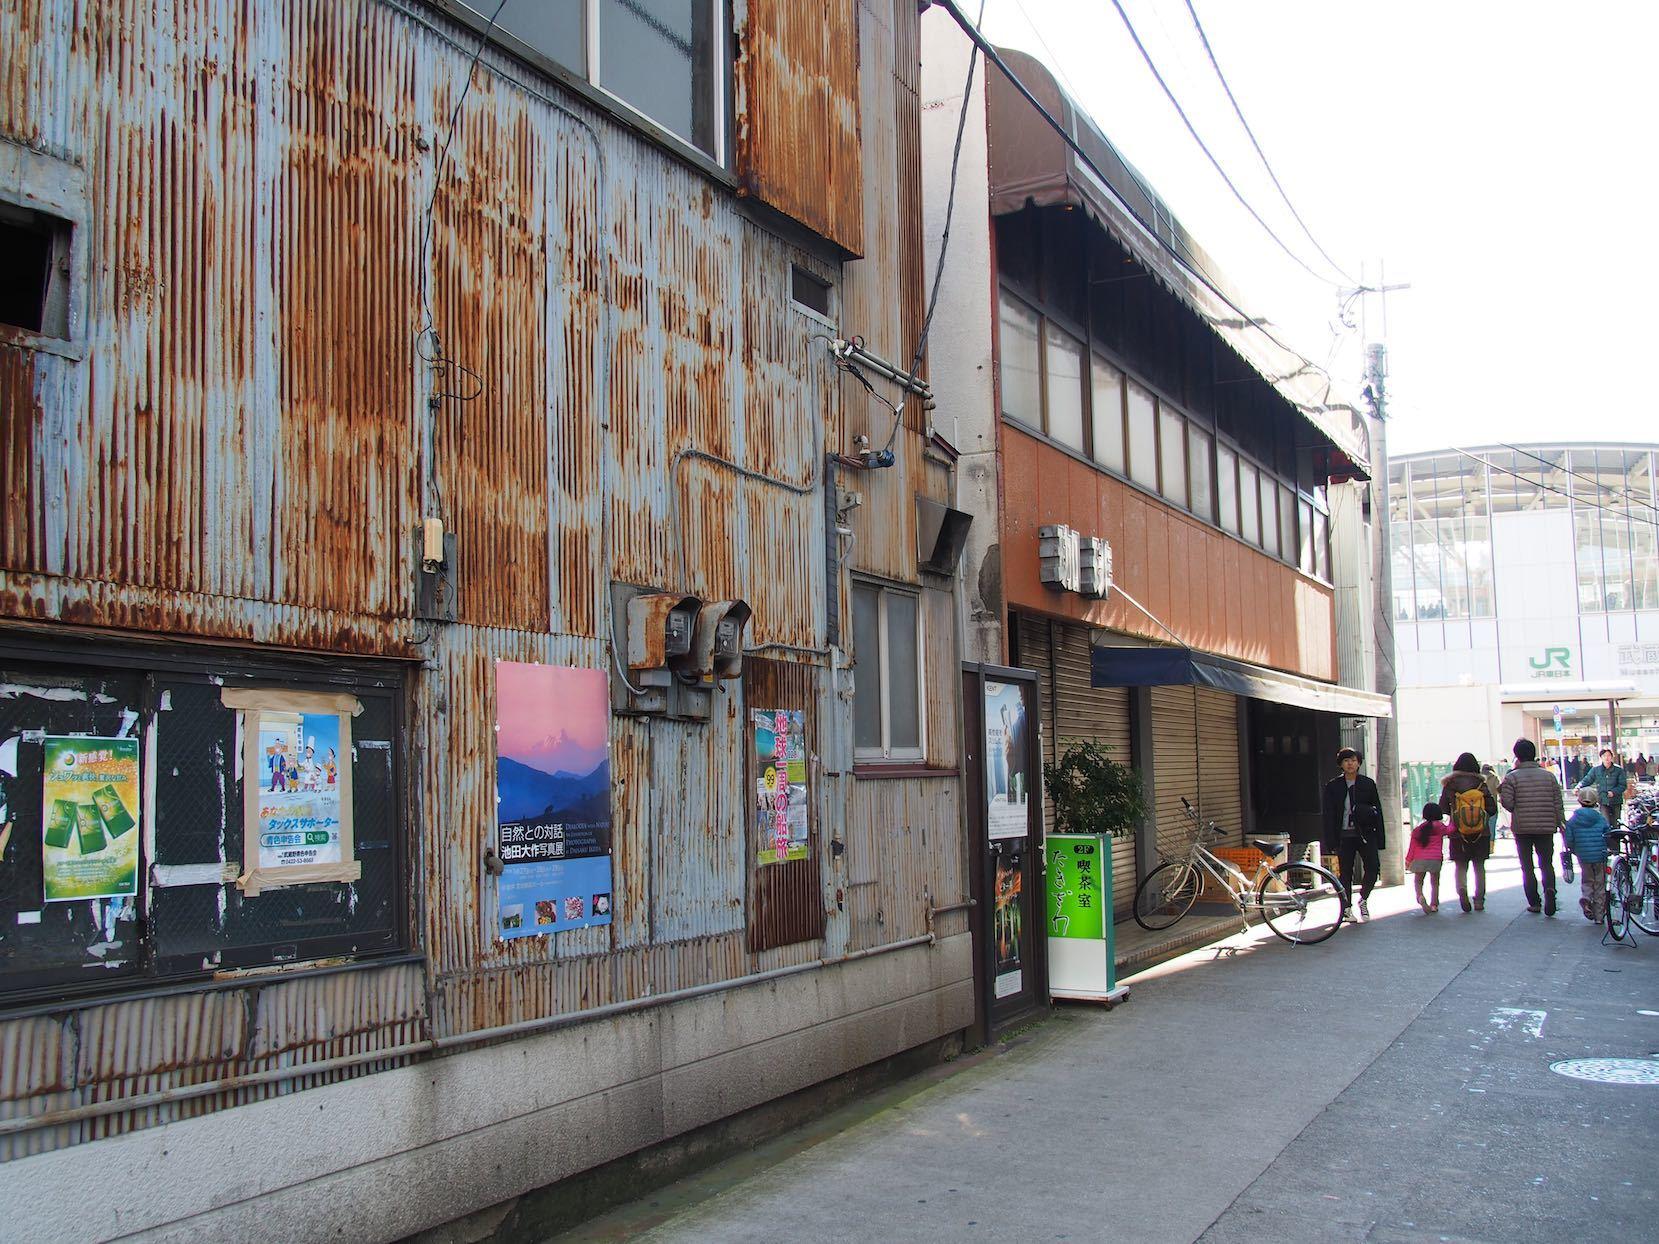 武蔵小金井駅周辺1_b0360240_20040122.jpg